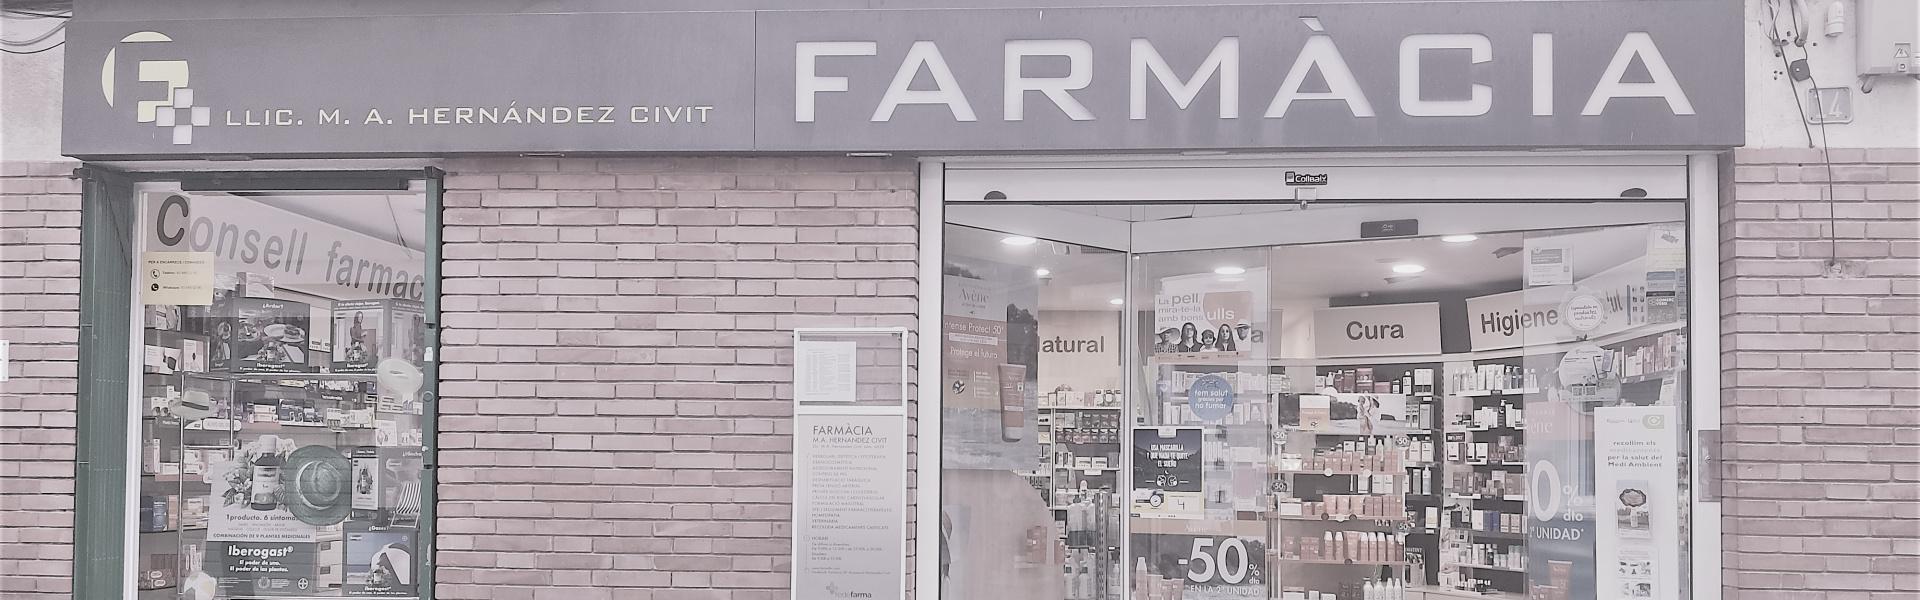 <p>Som la farmàcia de Torrelles de Llobregat!</p>